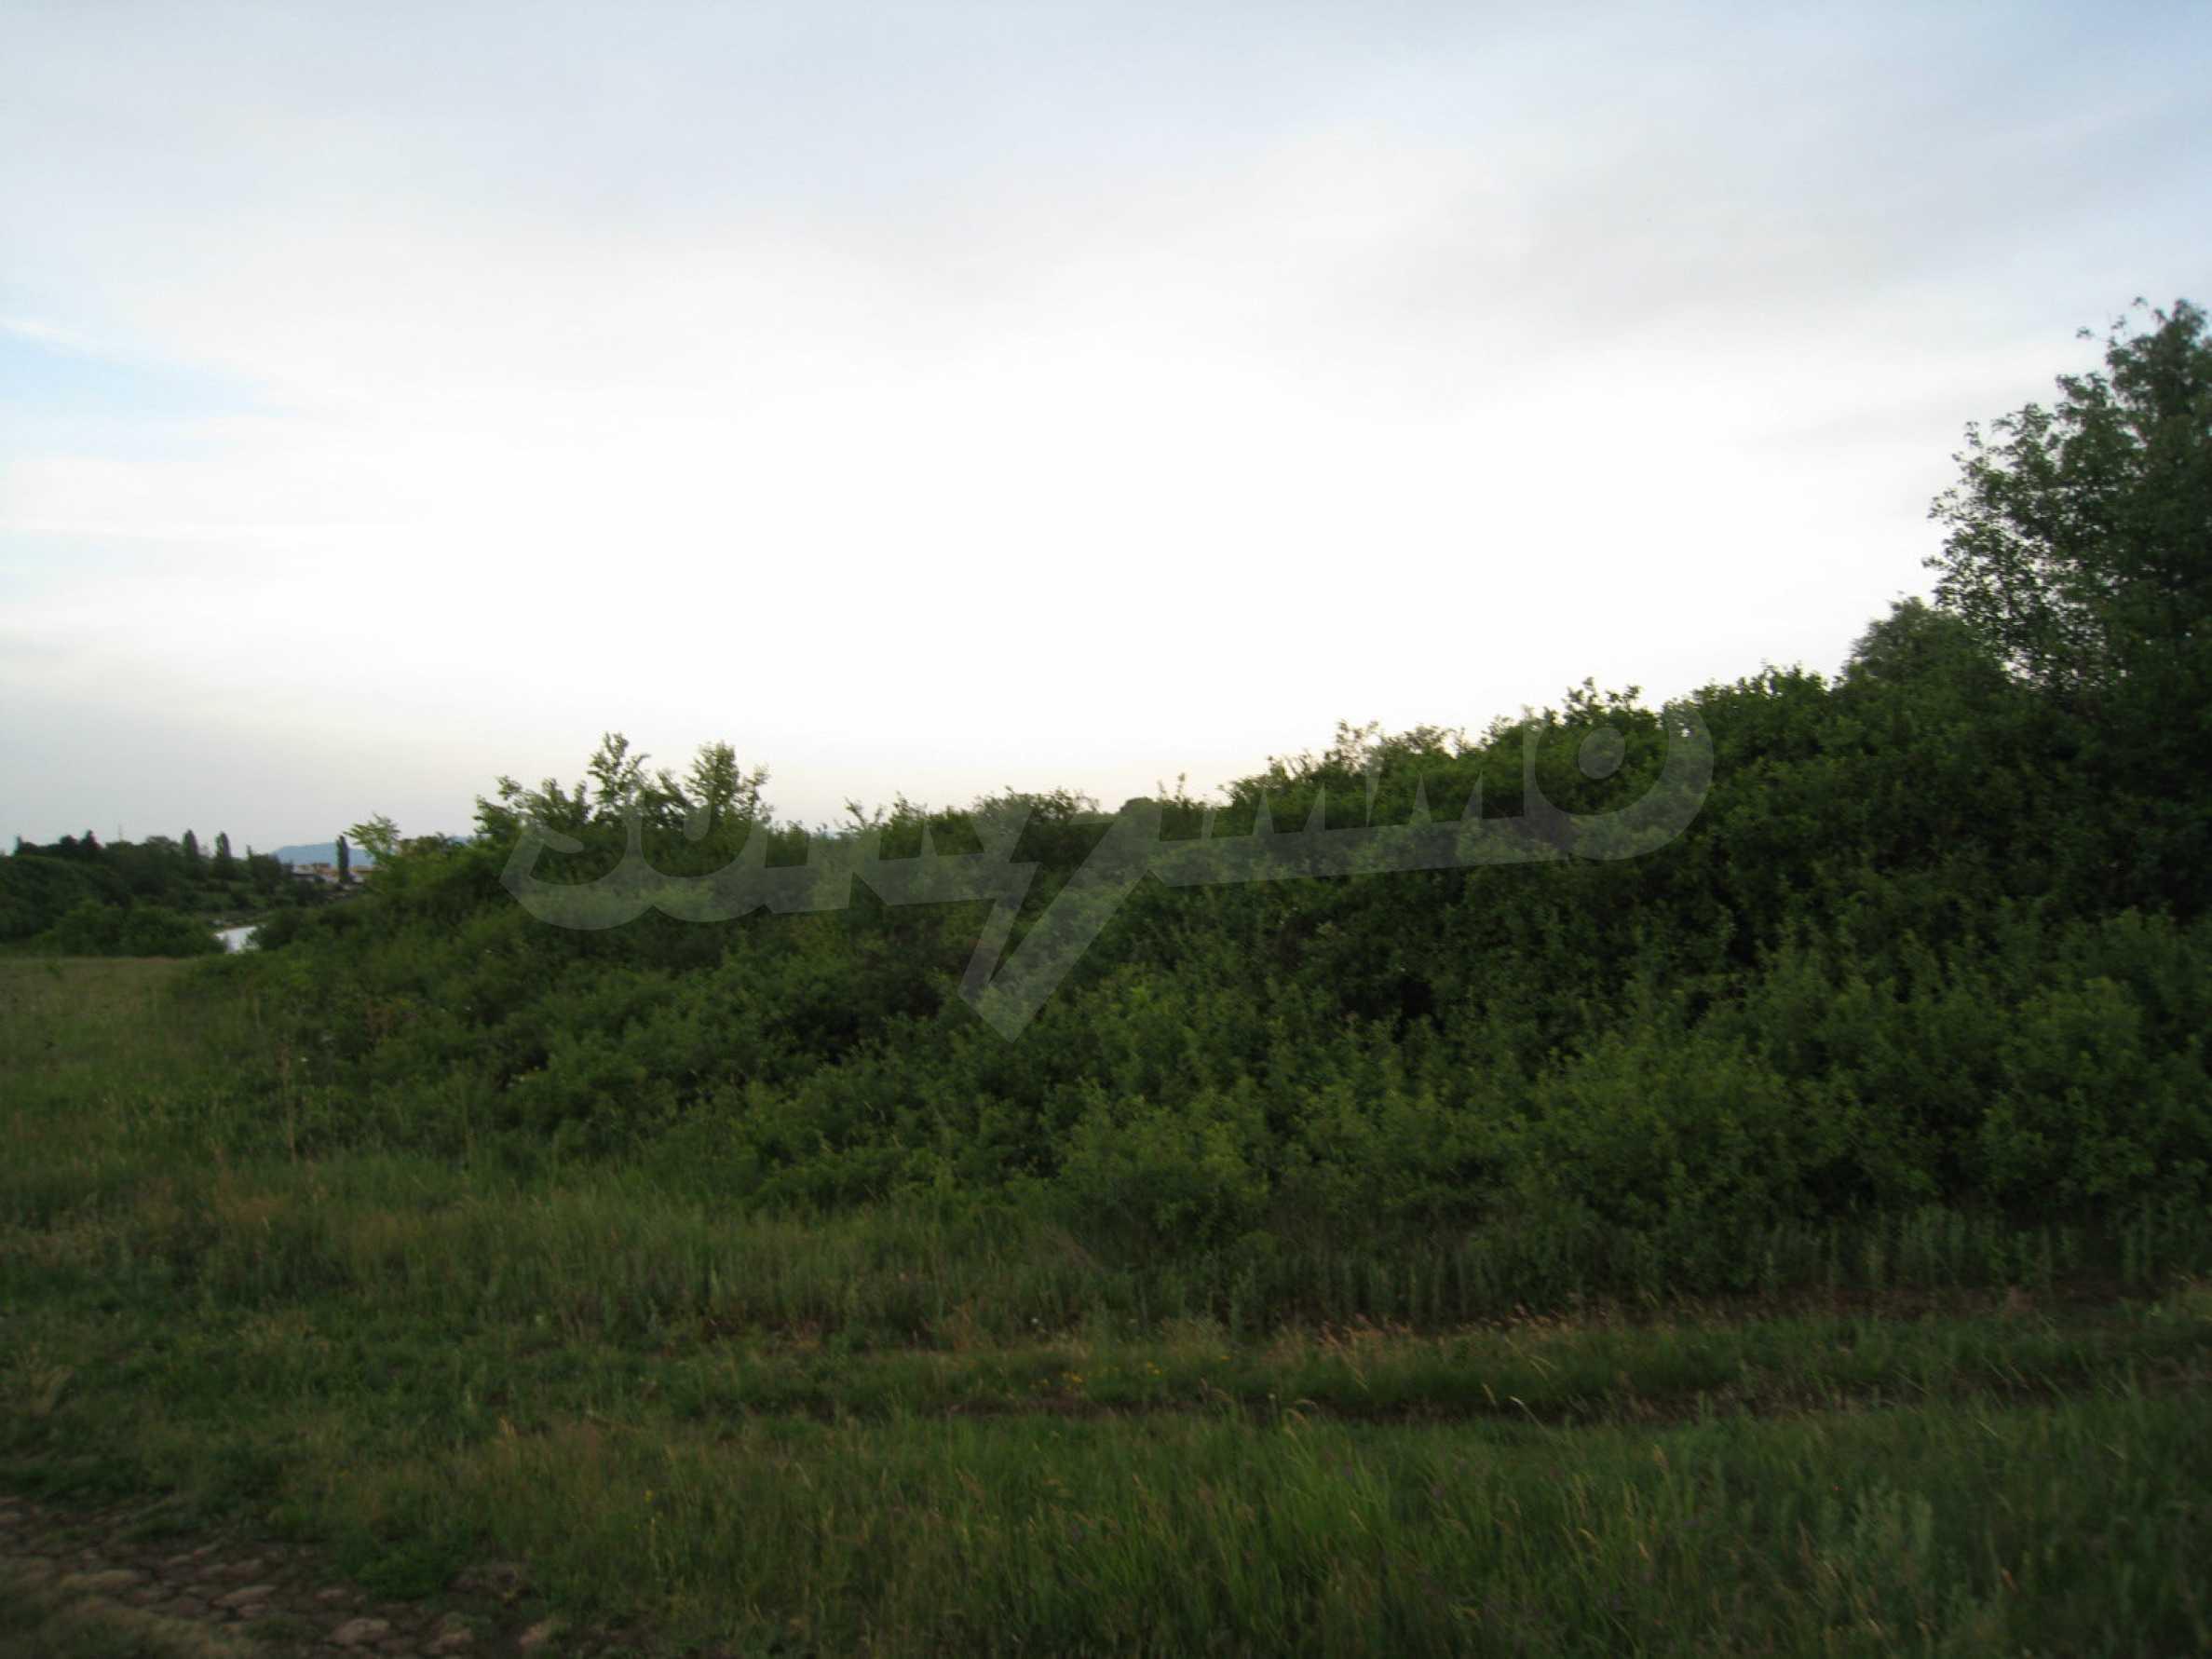 Ackerland in der Nähe eines Sees in Suhodol 12